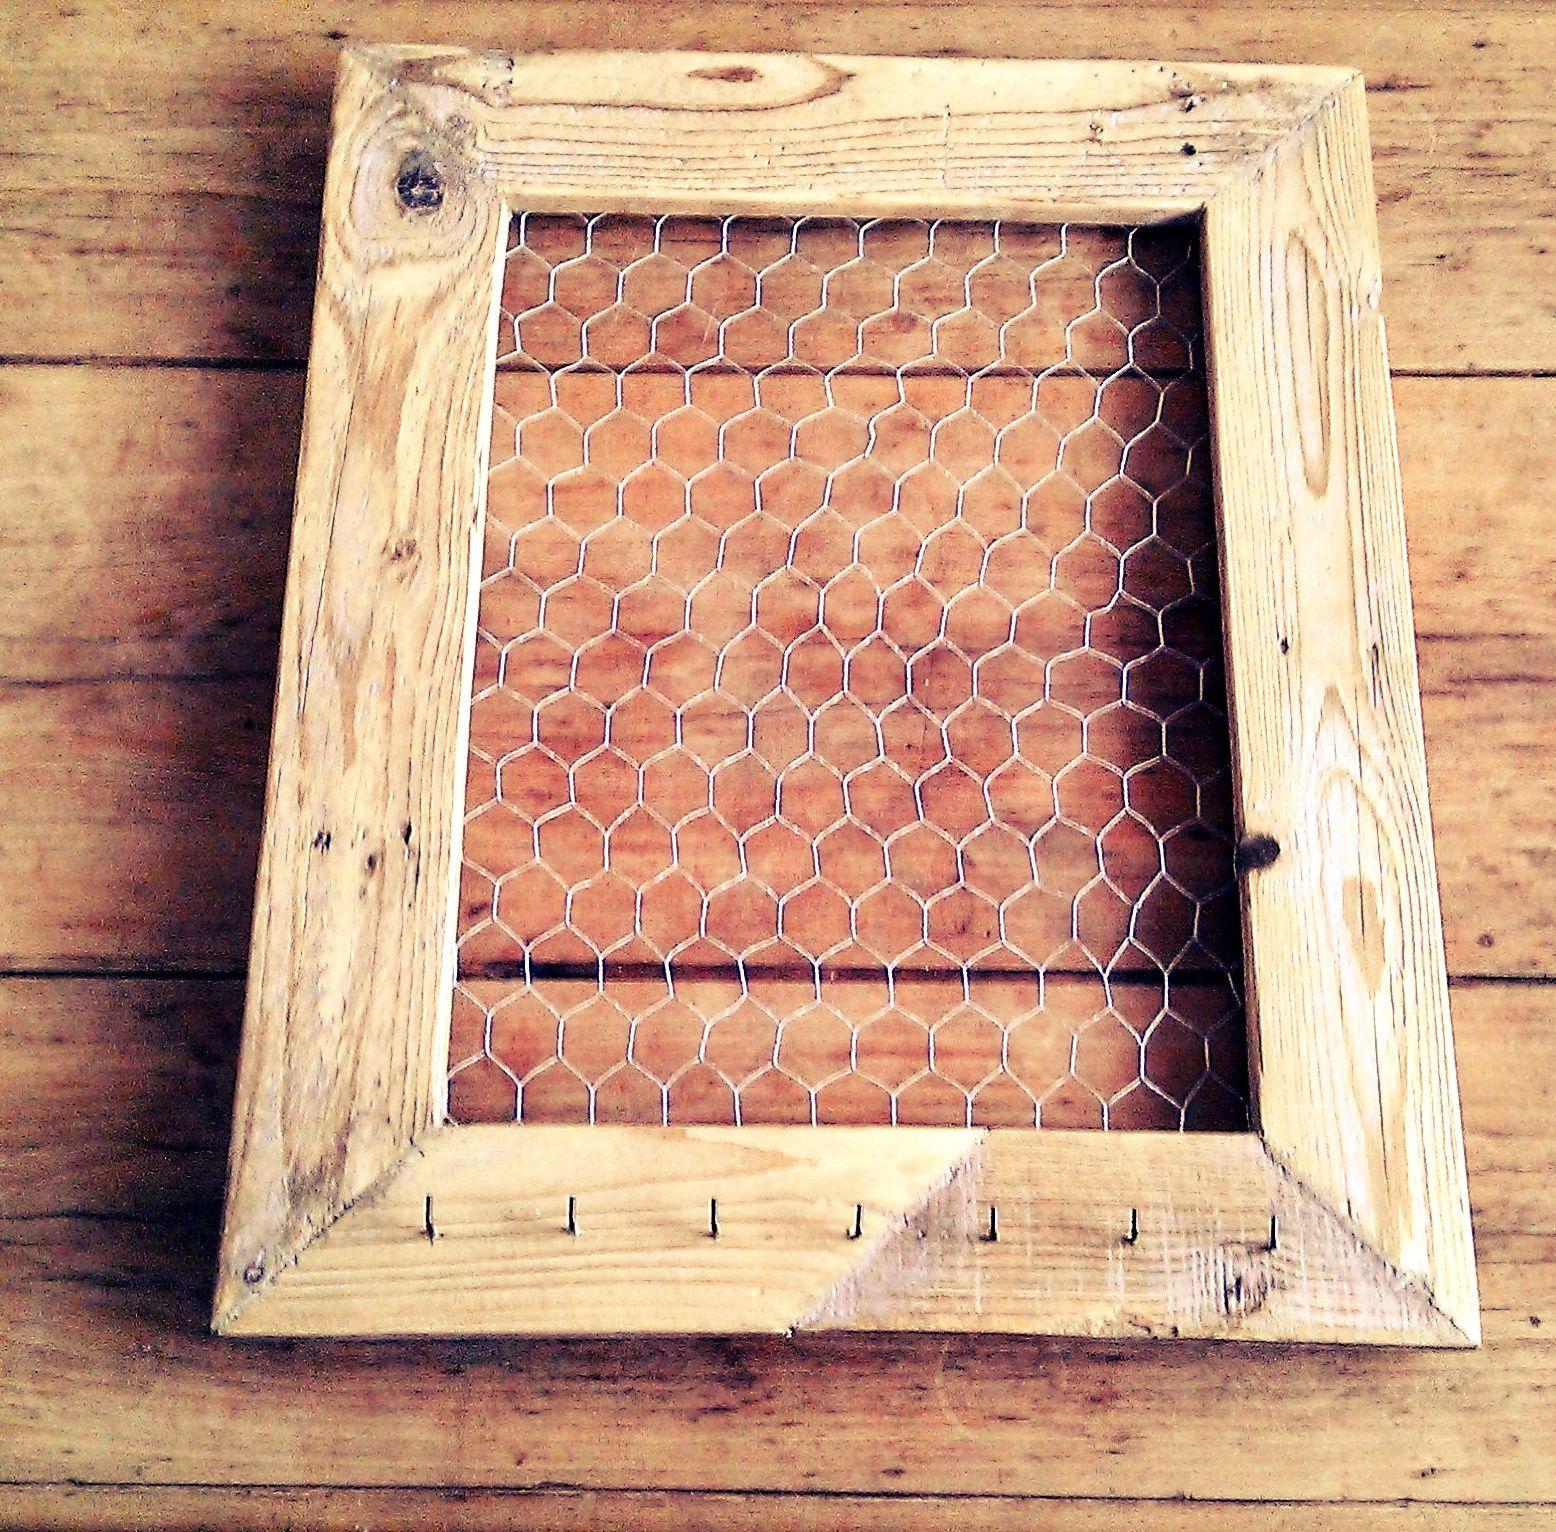 Diy tuto pour un cadre pense bete et porte clé en bois et grillage